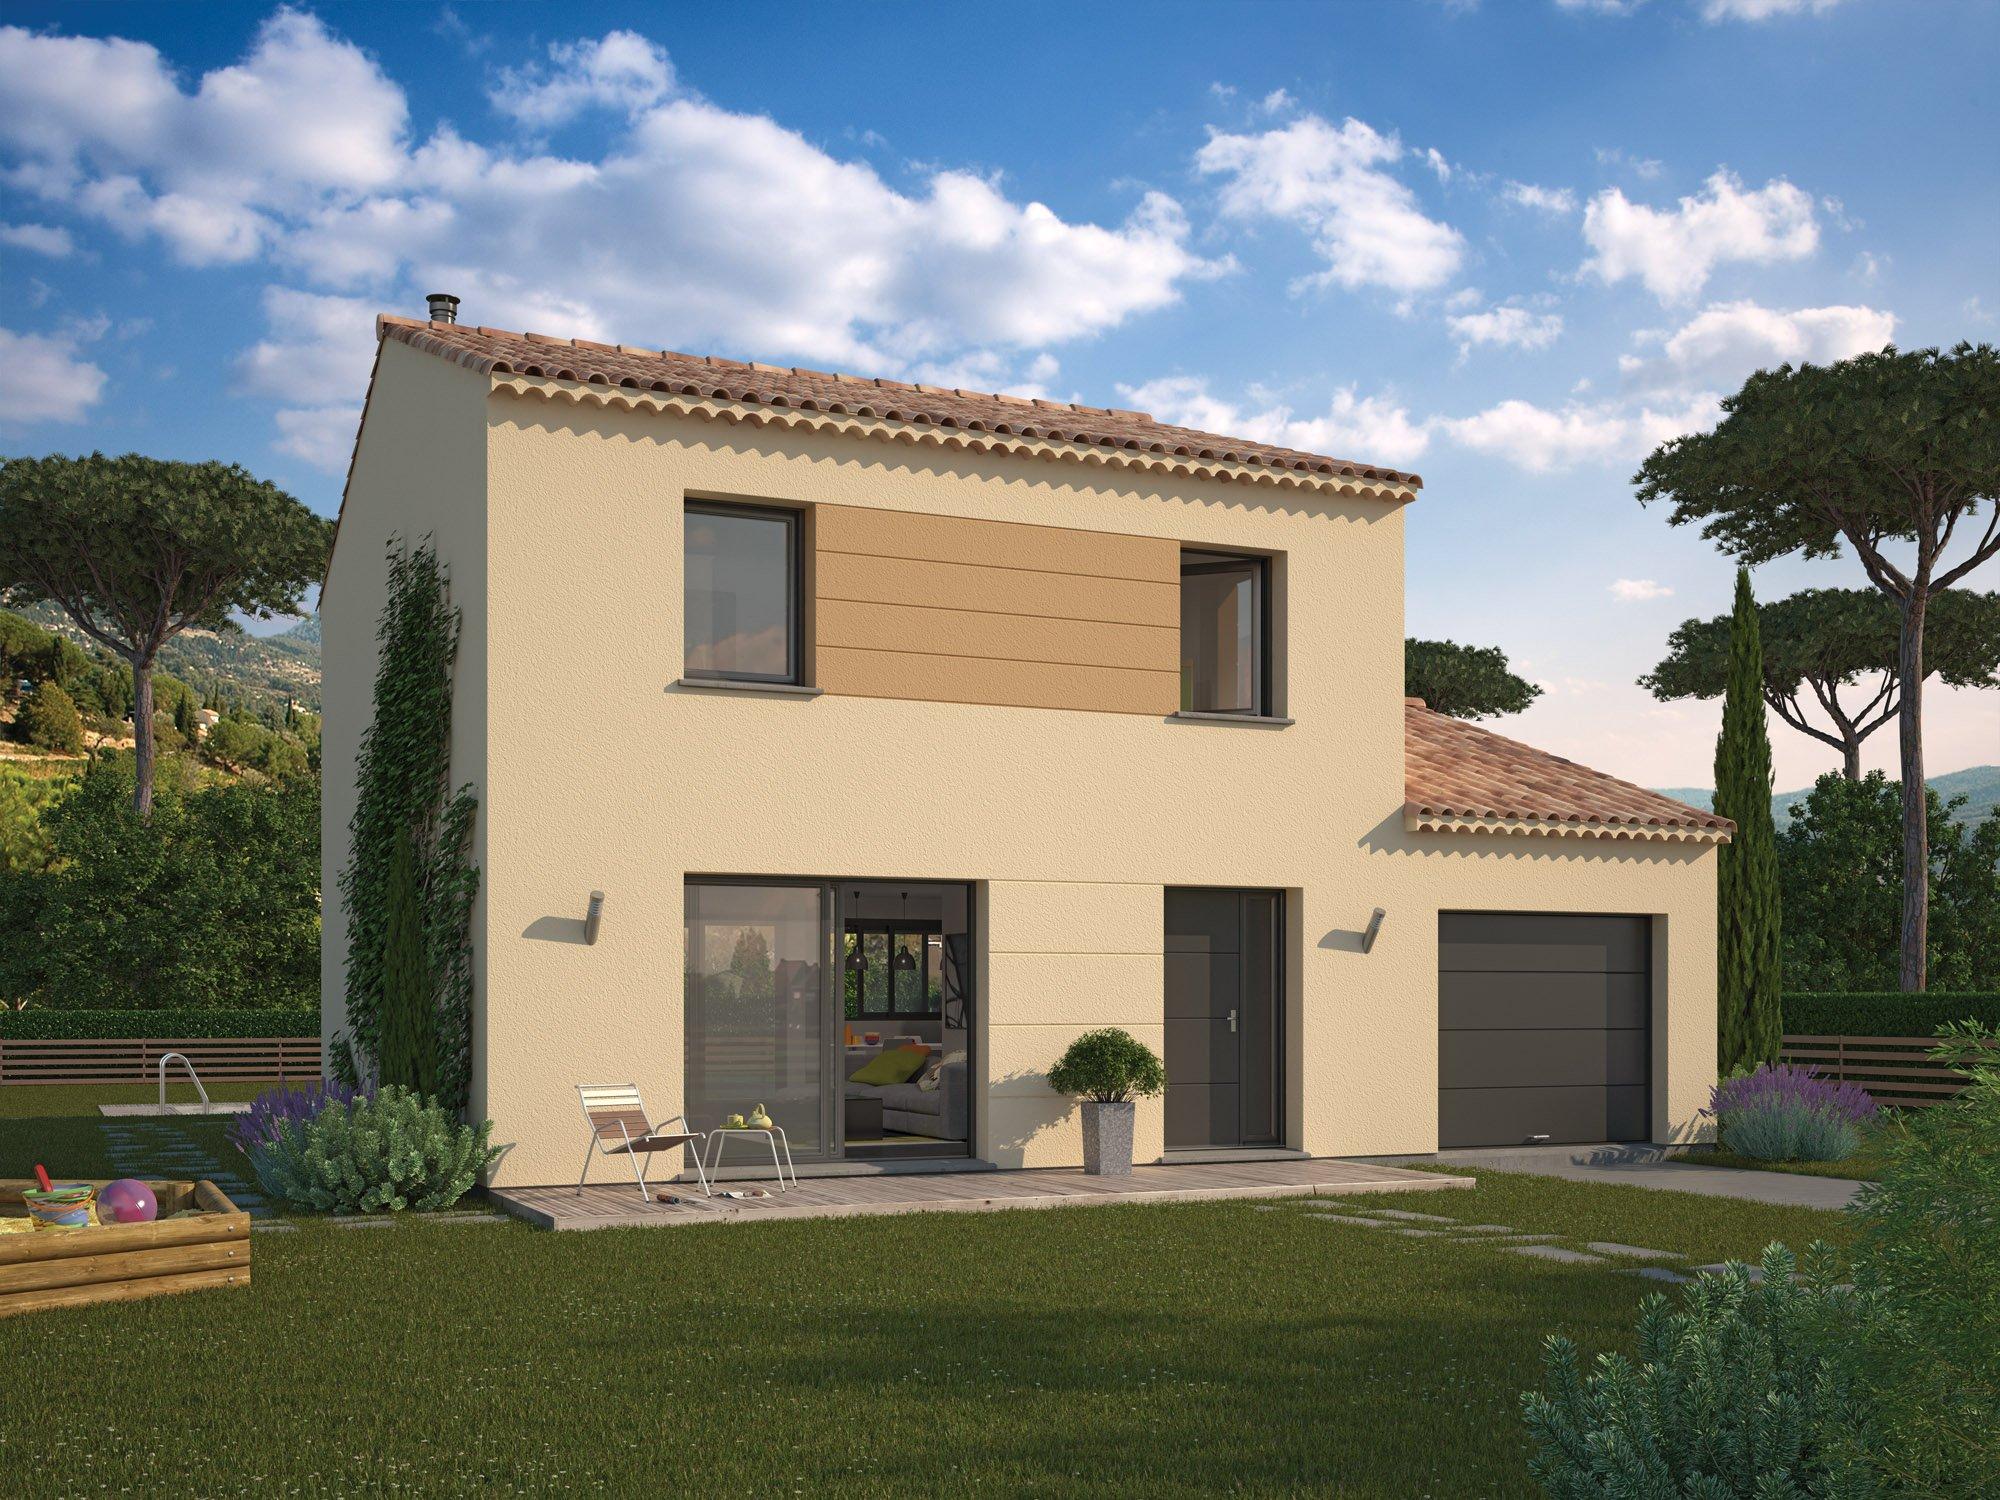 Maisons + Terrains du constructeur MAISON FAMILIALE • 120 m² • GIGEAN